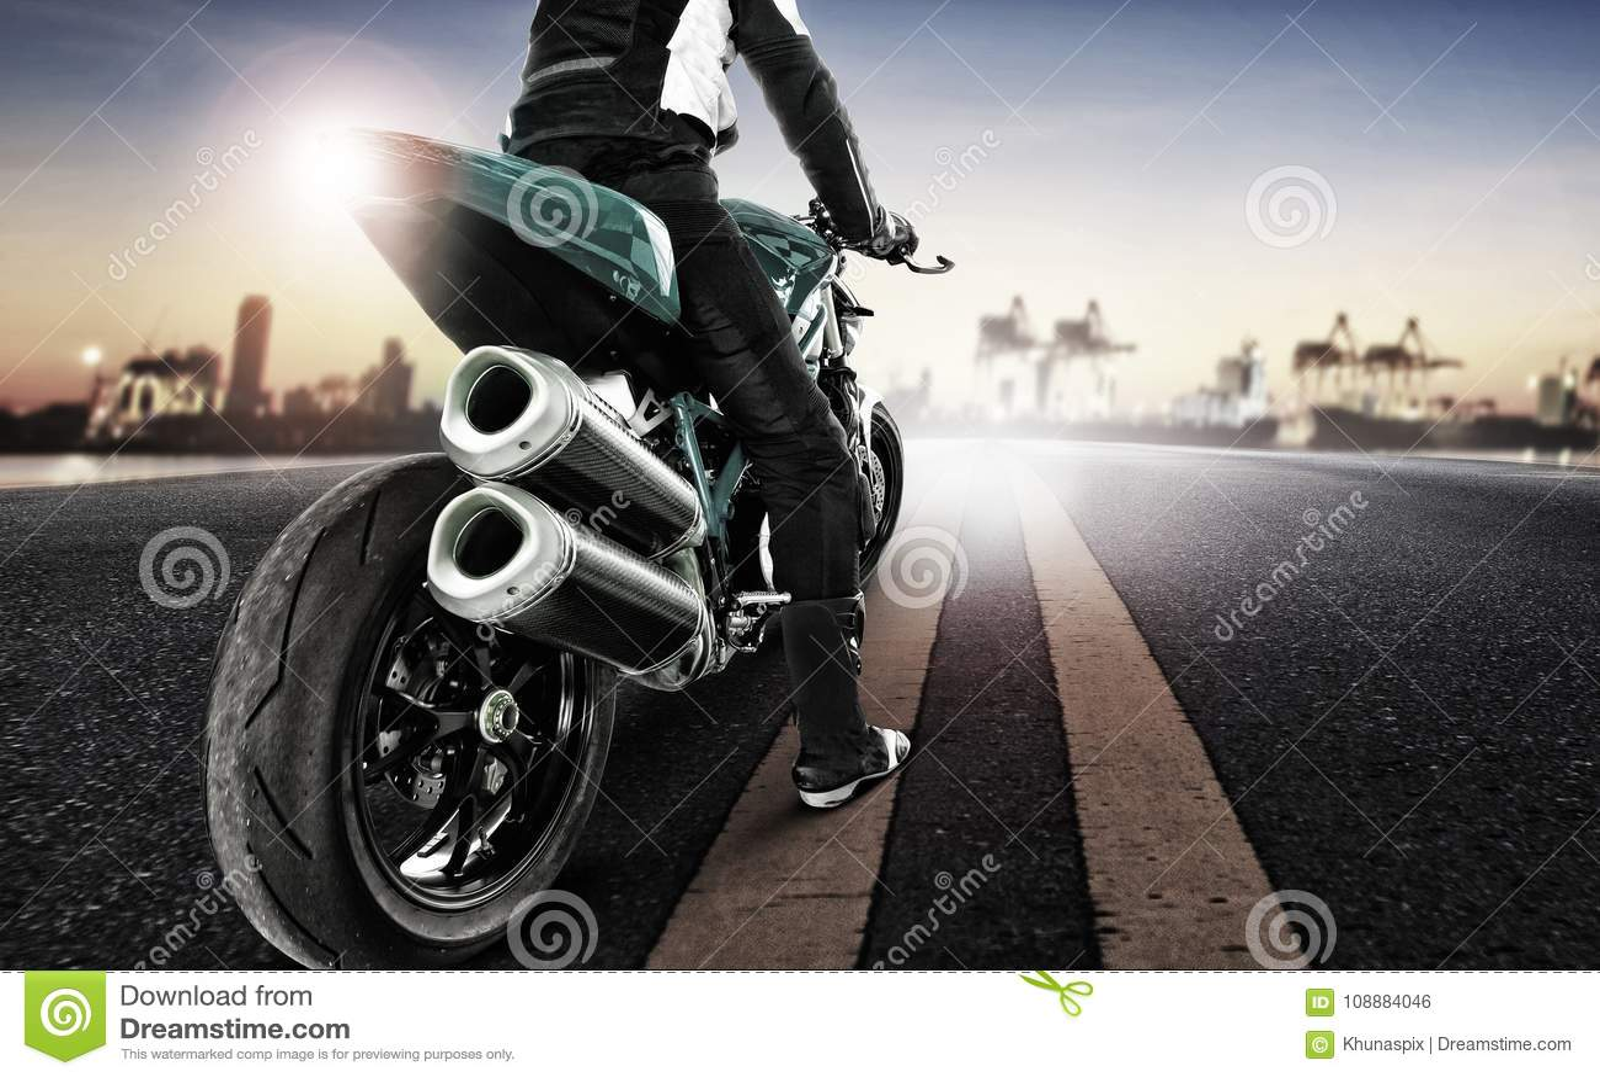 Traveling man riding big motorcycle on urban road